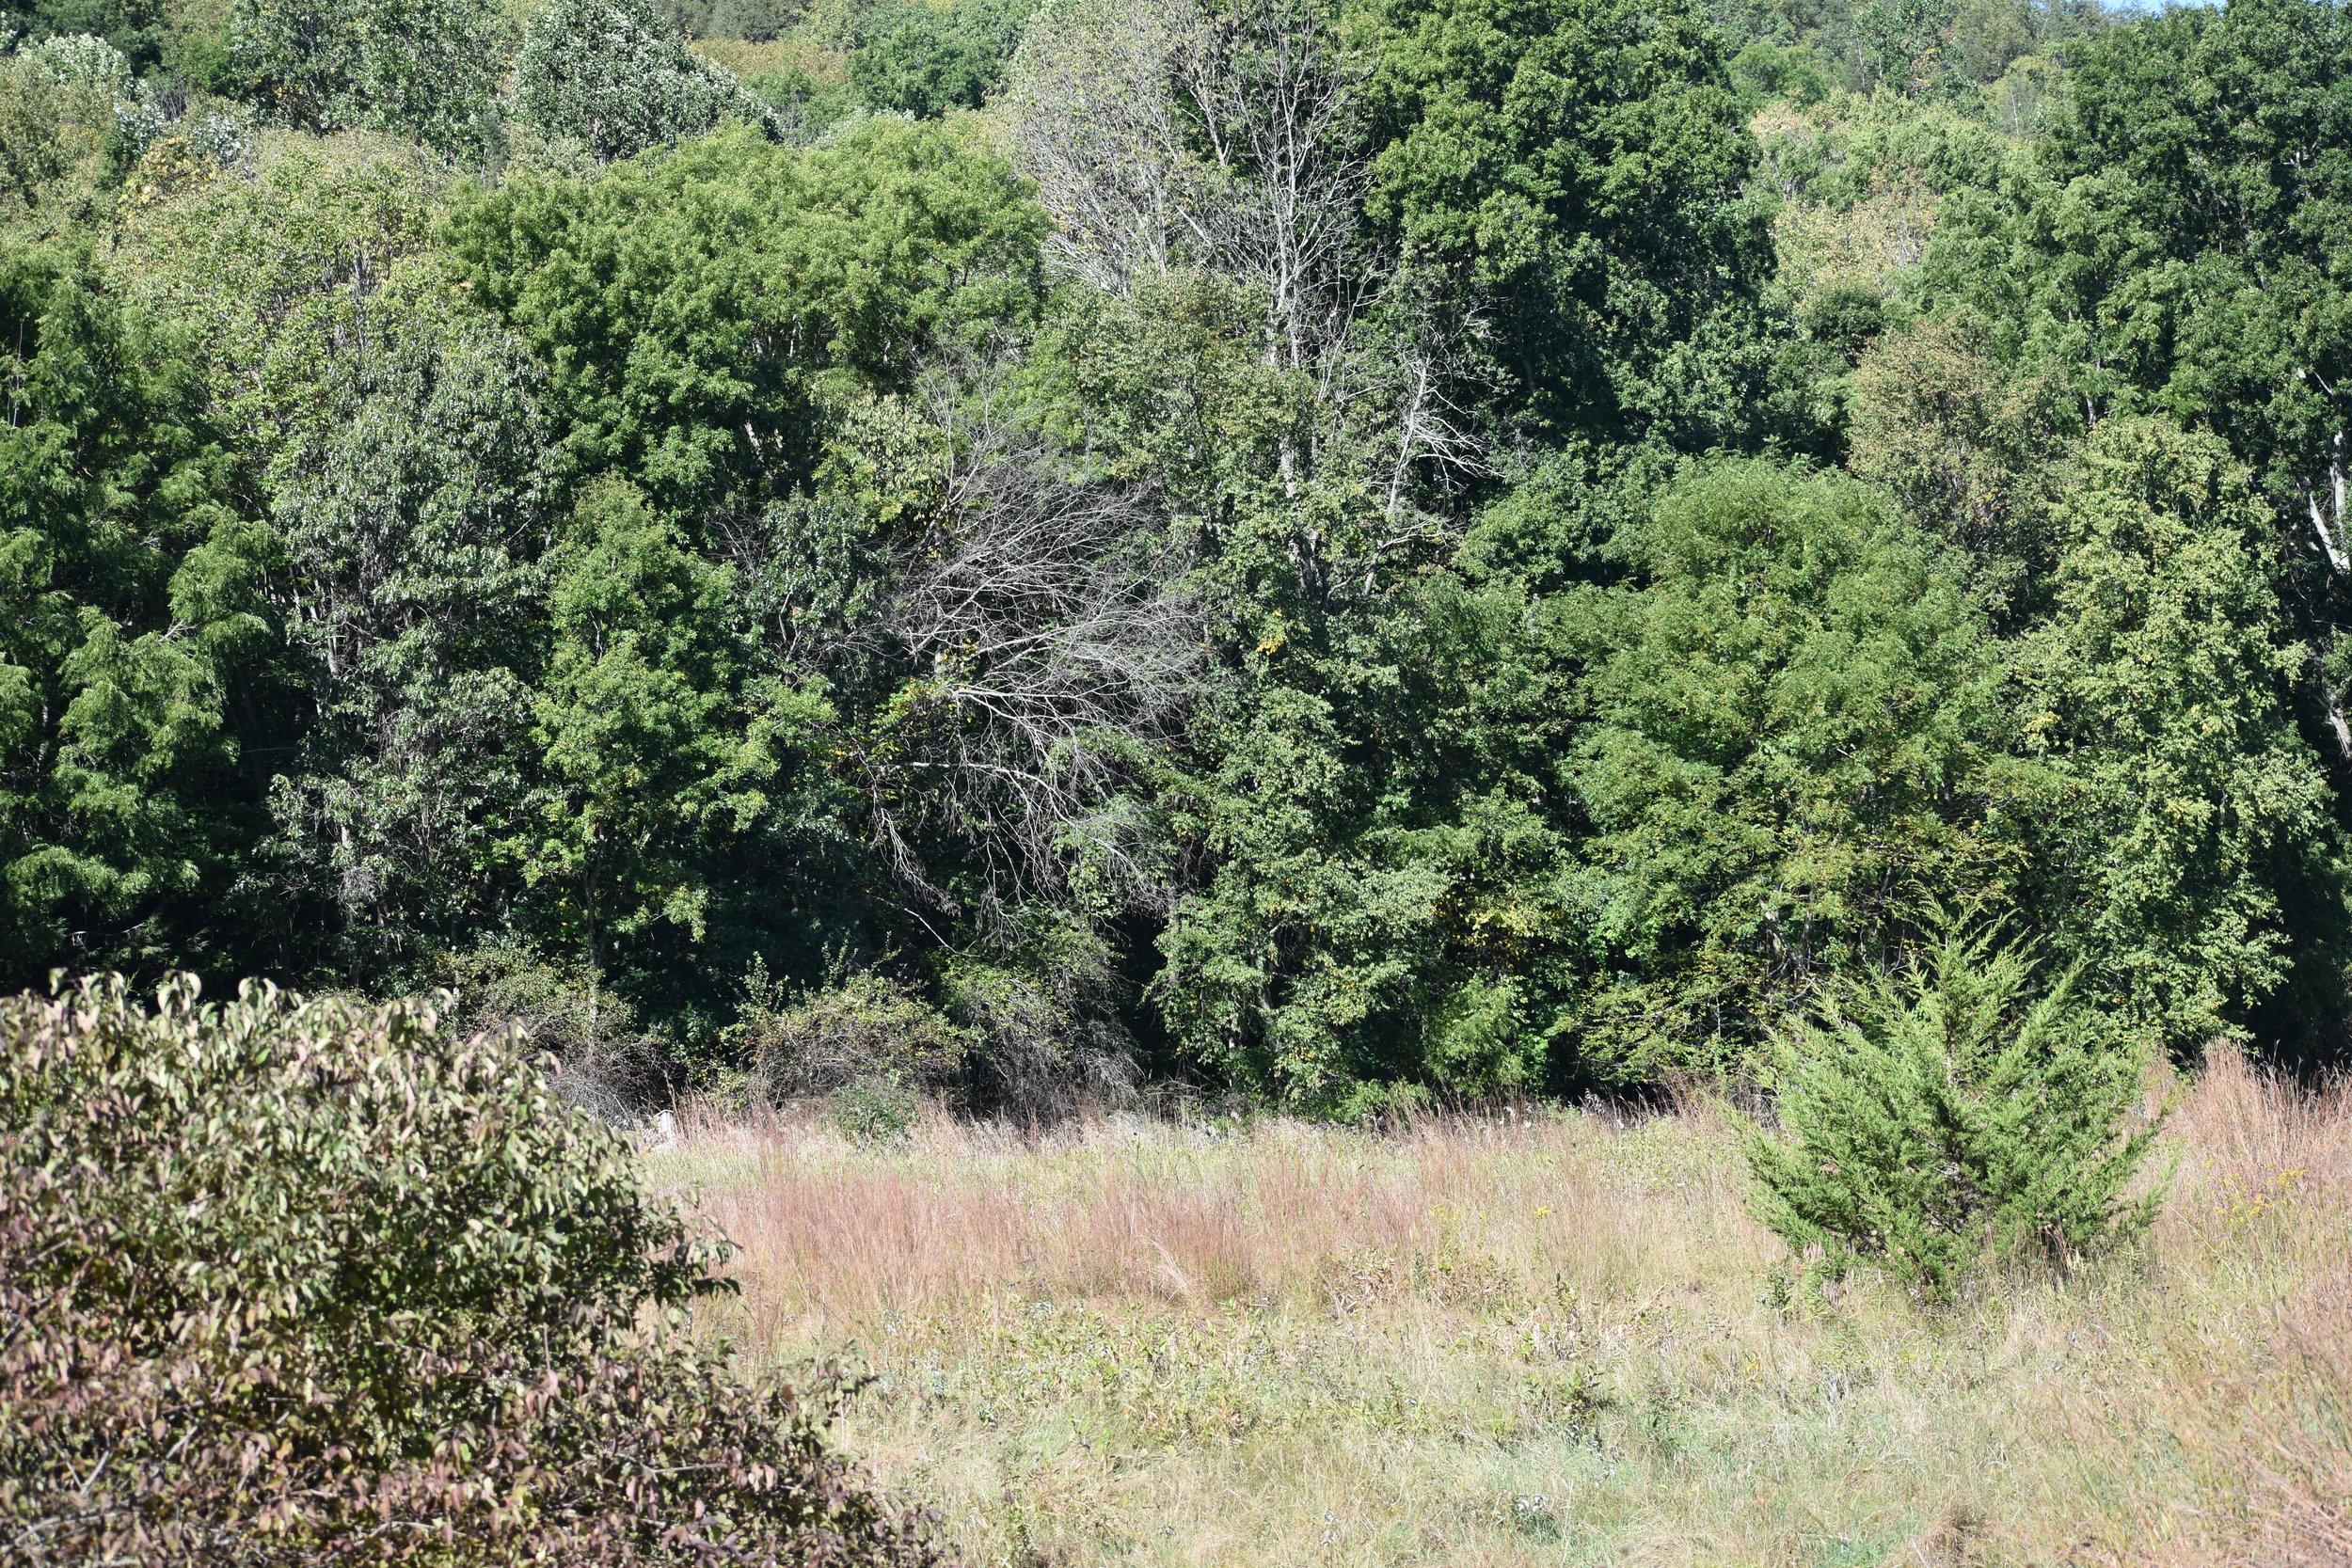 Habitat: Overgrown Field